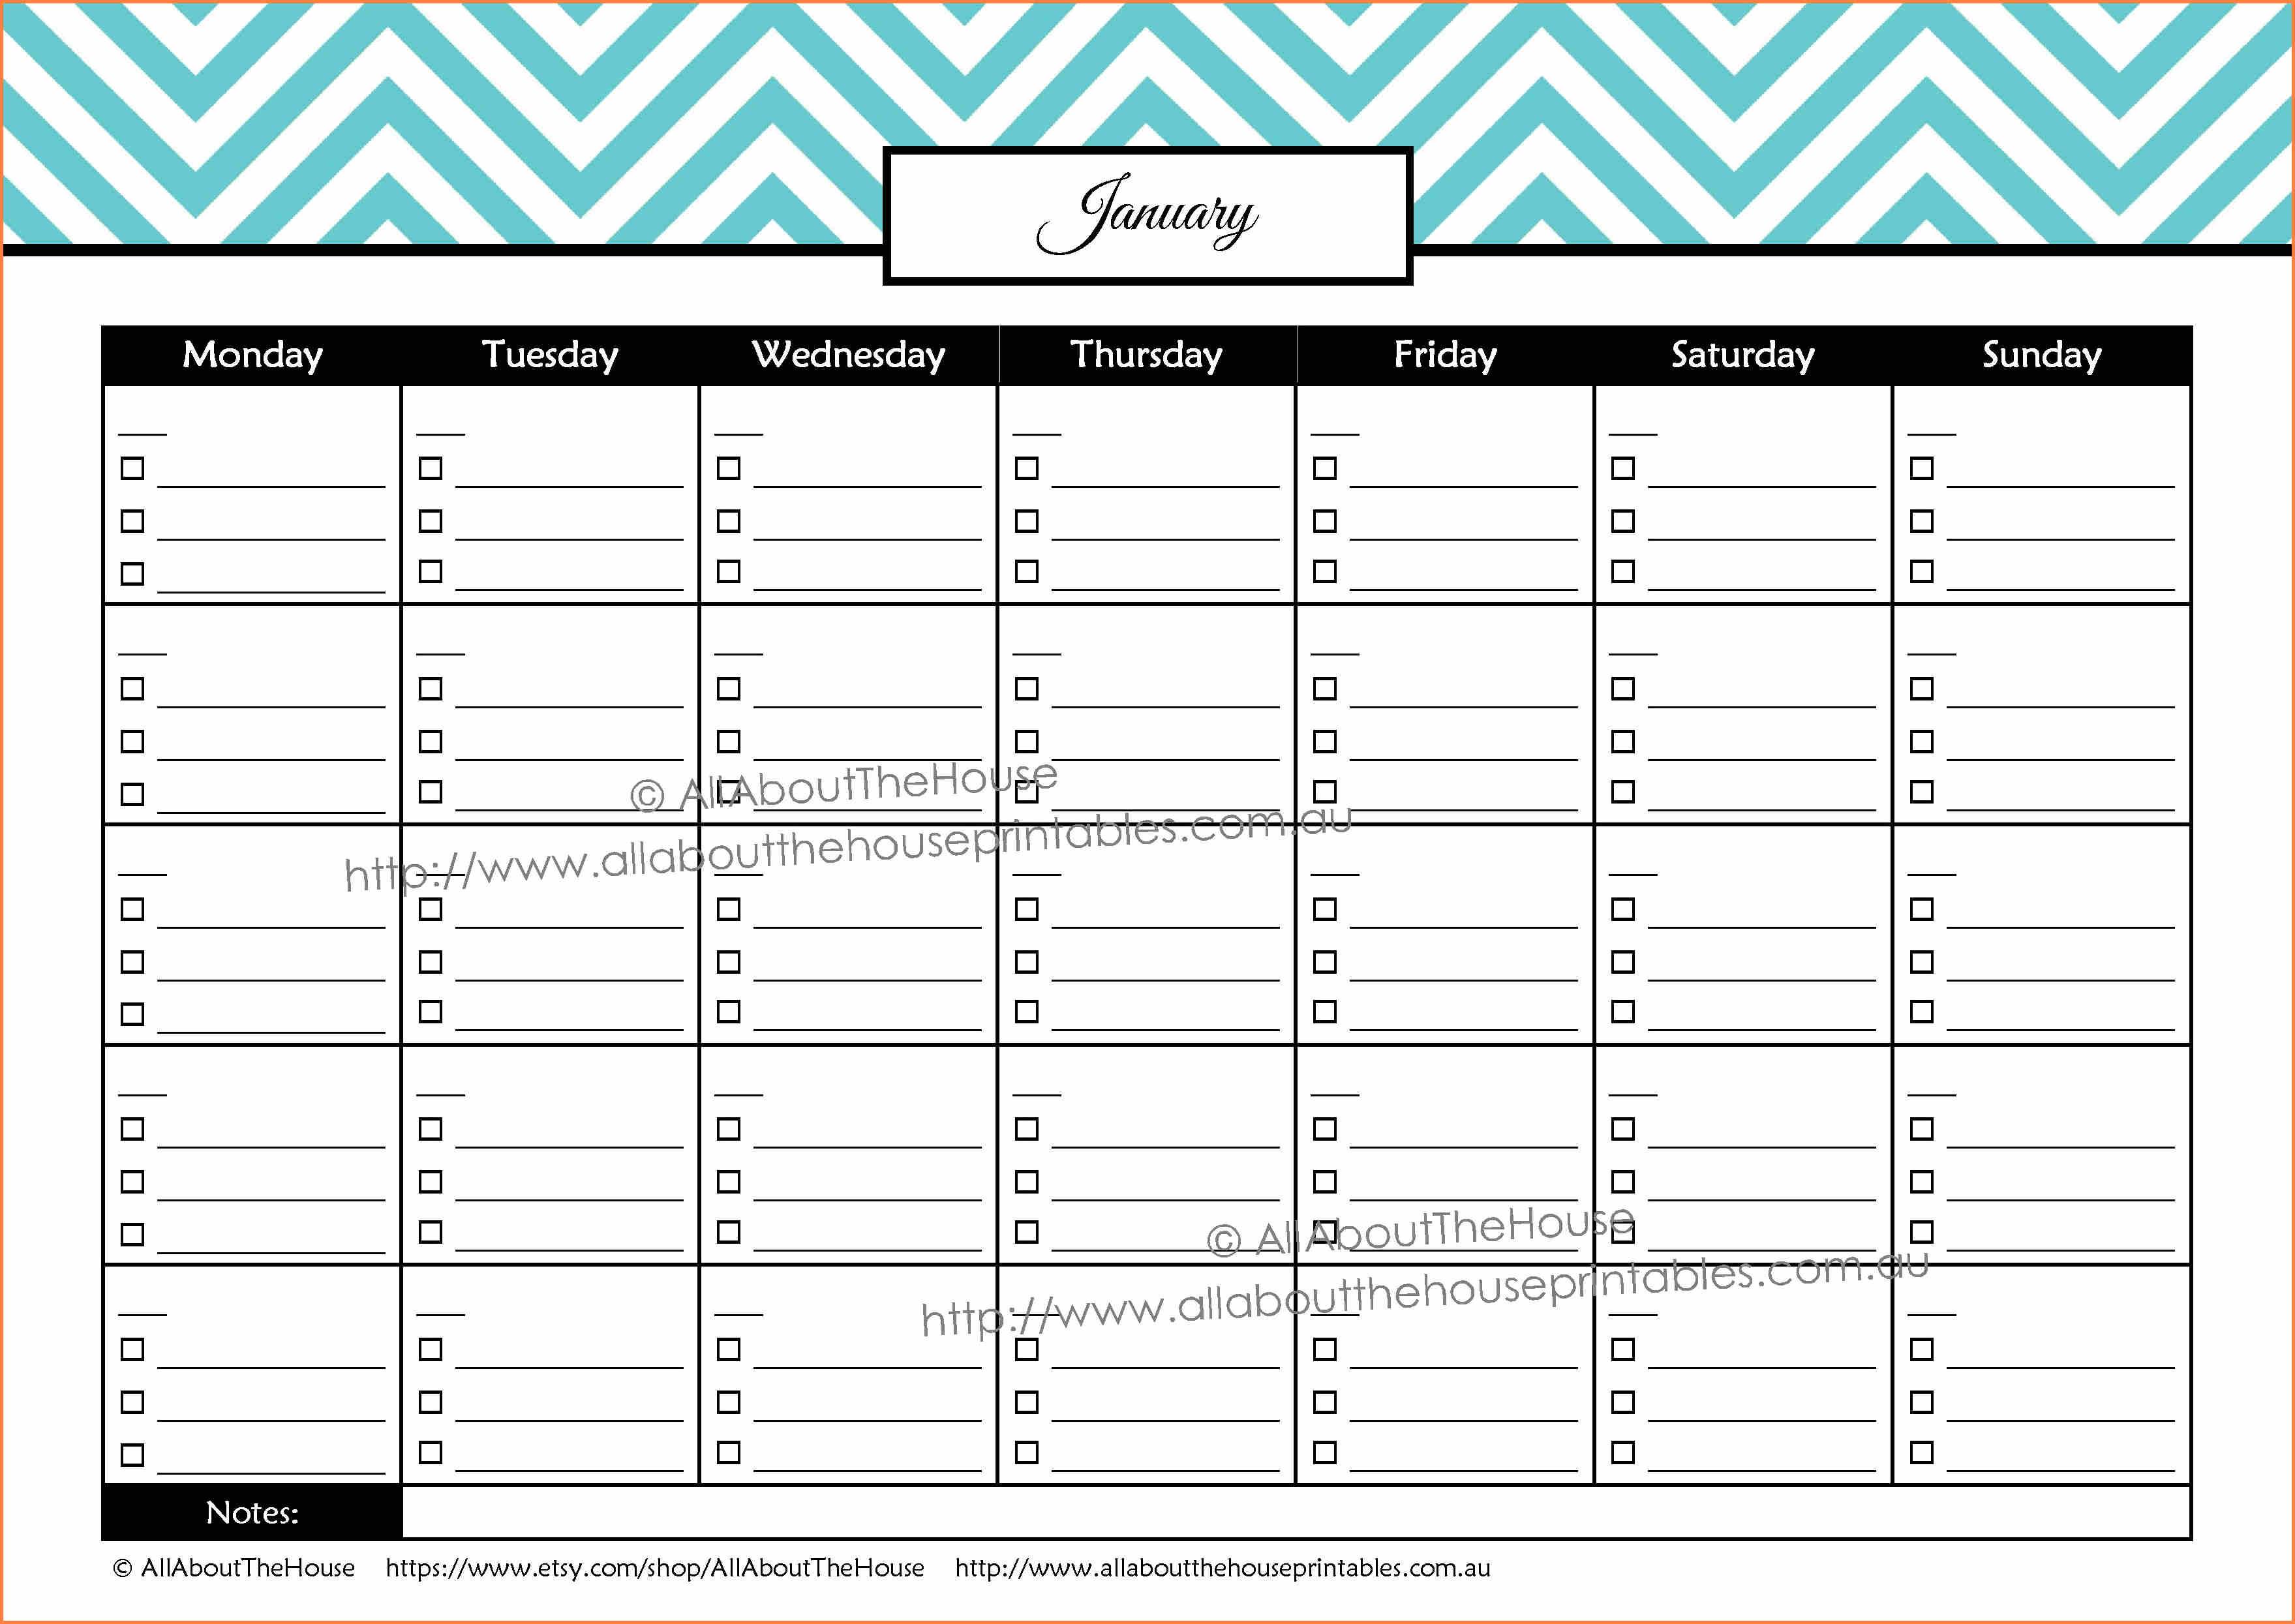 009 Bill Pay Calendar Template Ideas Paying Free Printable 2016 inside Printable Monthly Calendar Templates Bills